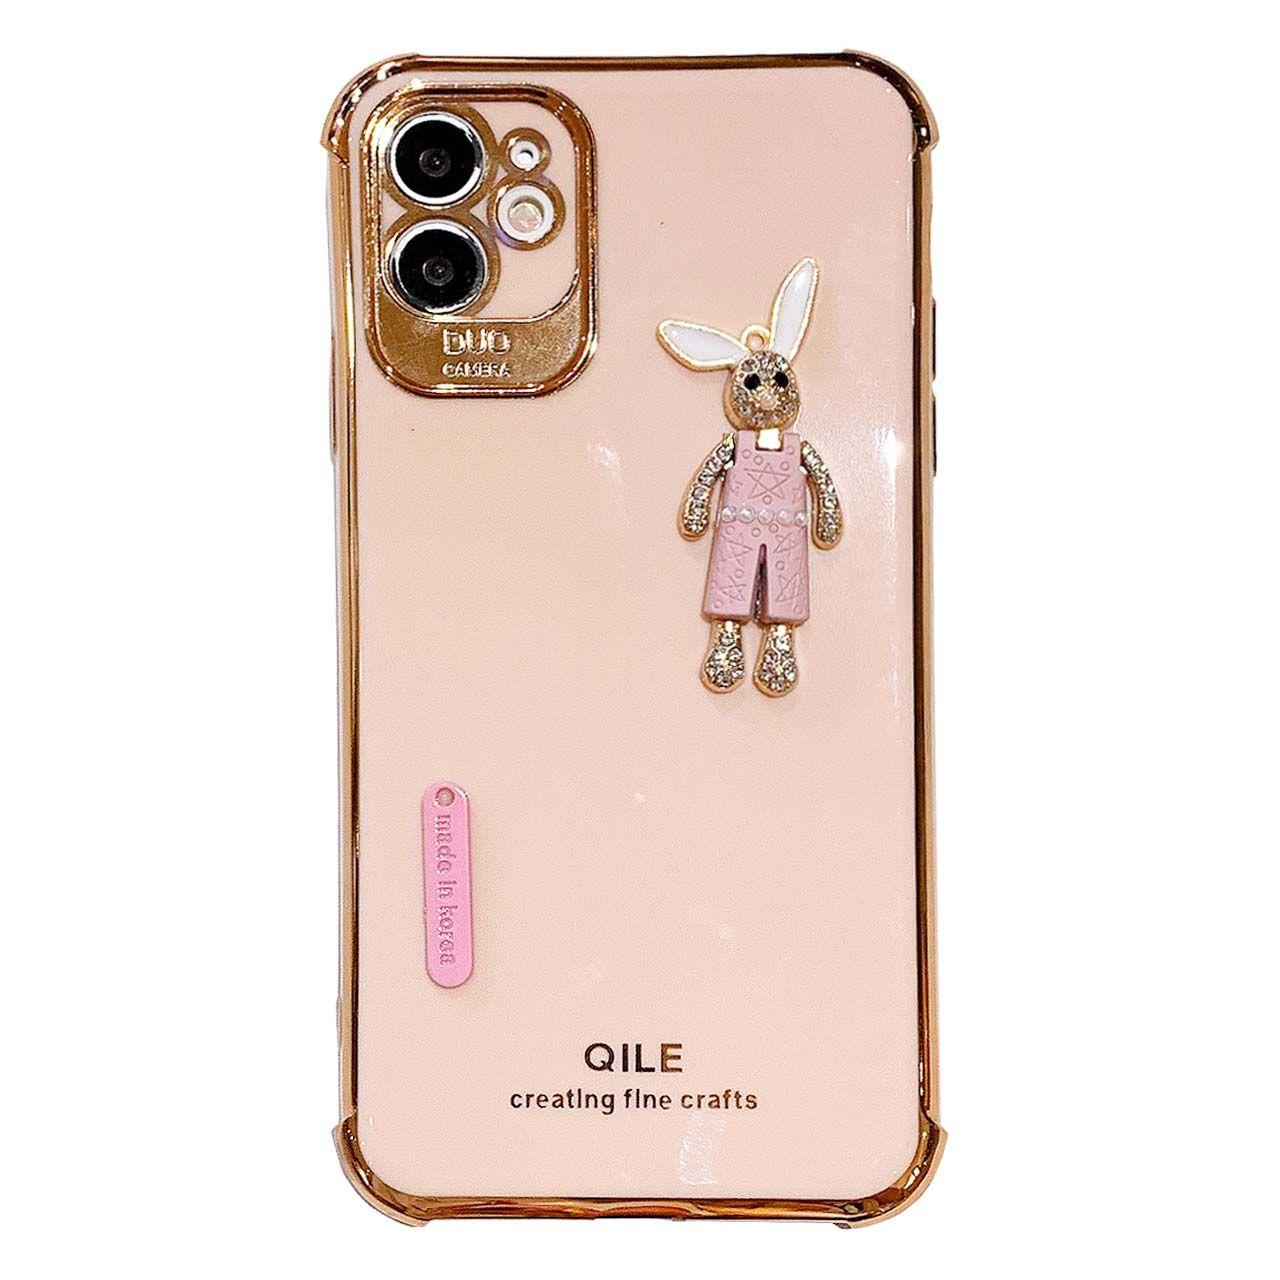 کاور گوشی مدل Rabbit کد 00568 مناسب برای گوشی موبایل اپل iPhone 12